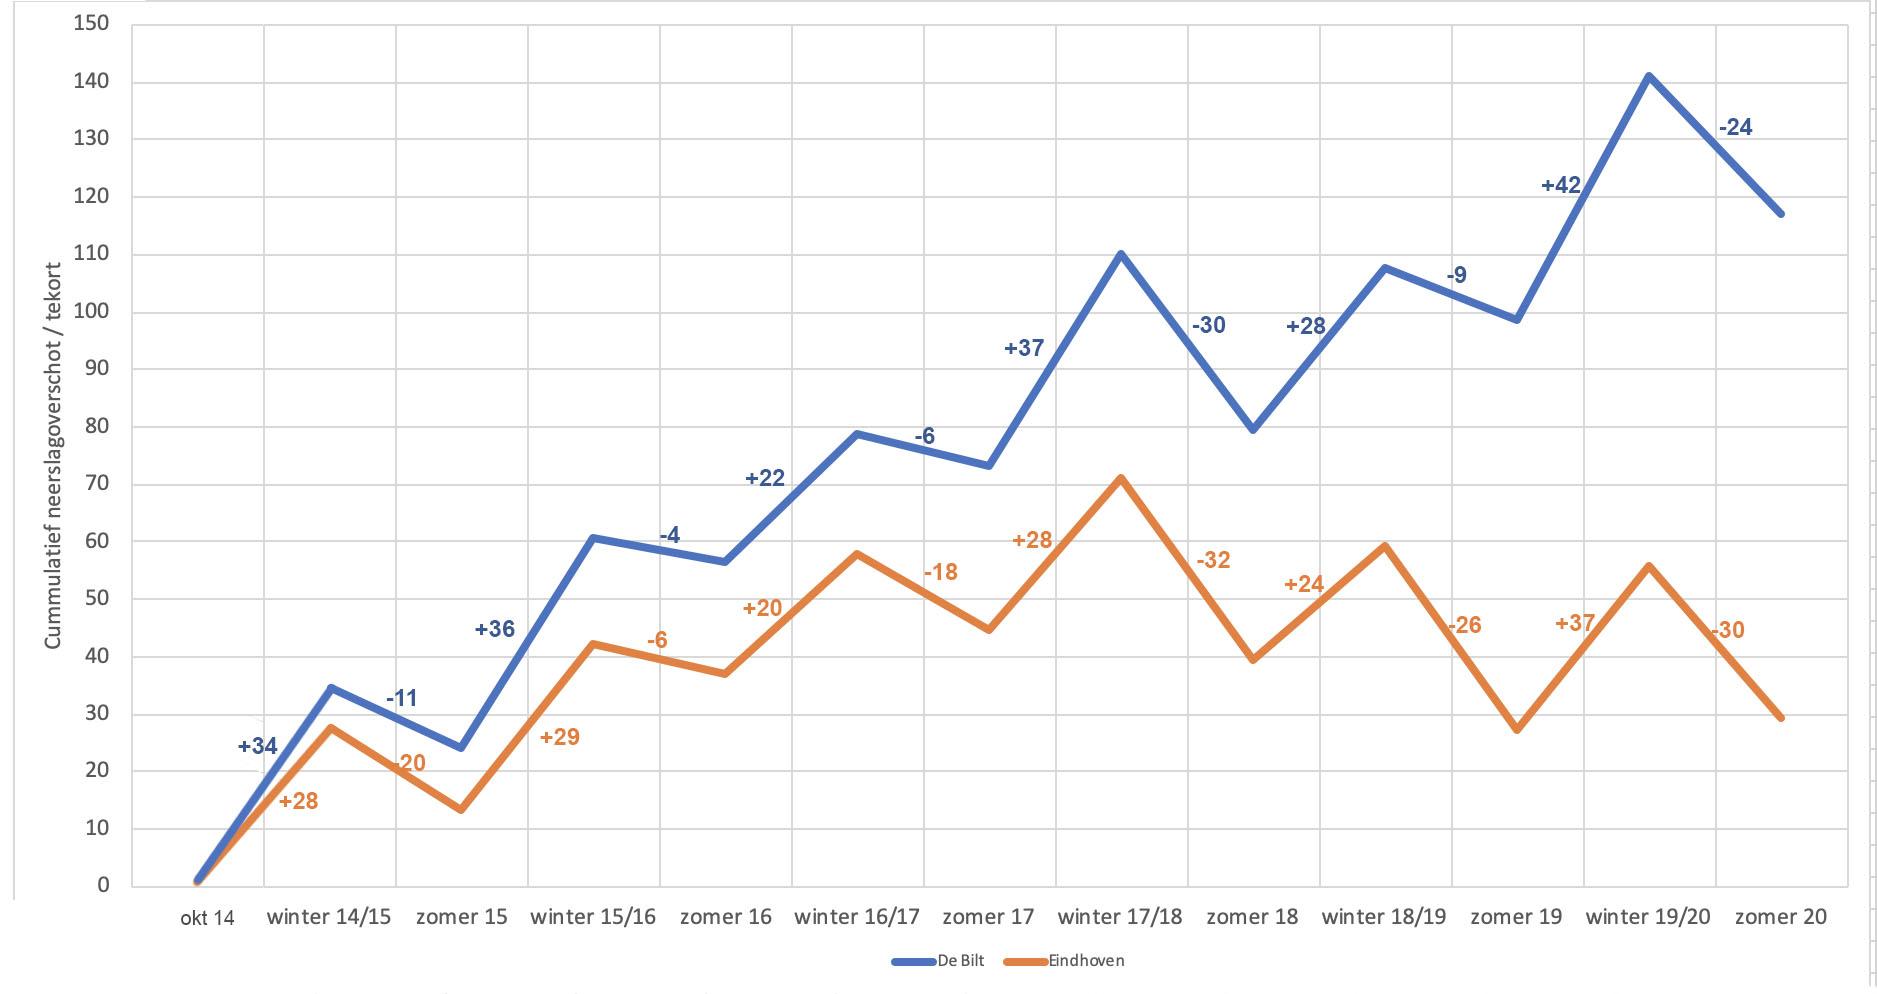 Doorlopend neerslagoverschot/tekort over de afgelopen 6 jaar voor de meetstations De Bilt en Eindhoven